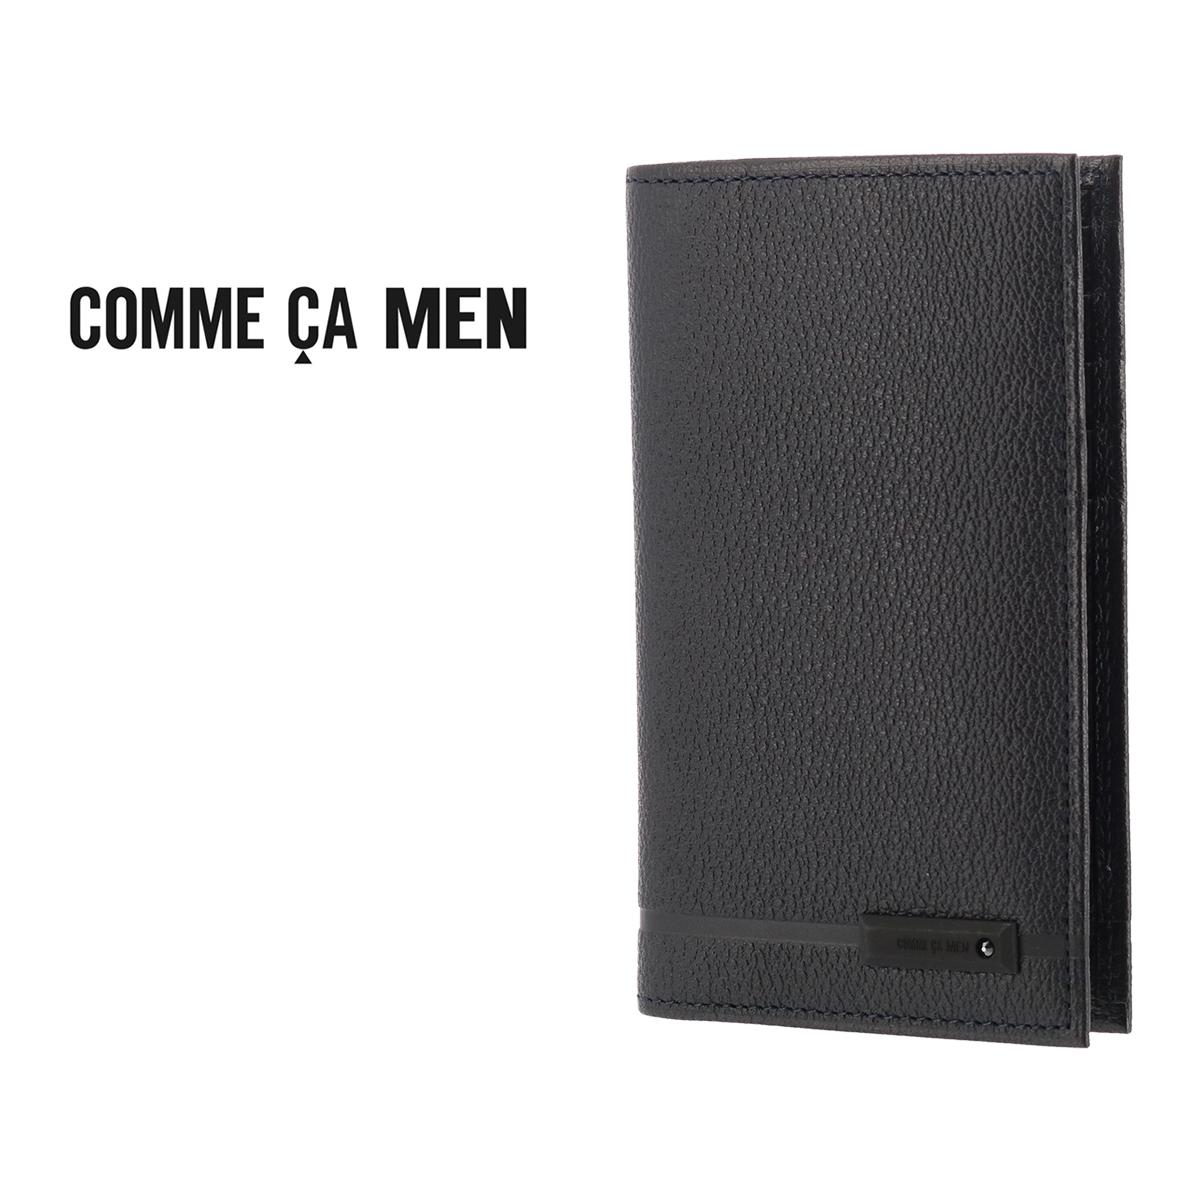 コムサメン カードケース Ombre オンブル 5675 COMME CA MEN 牛革 本革 レザー メンズ[bef][PO5]